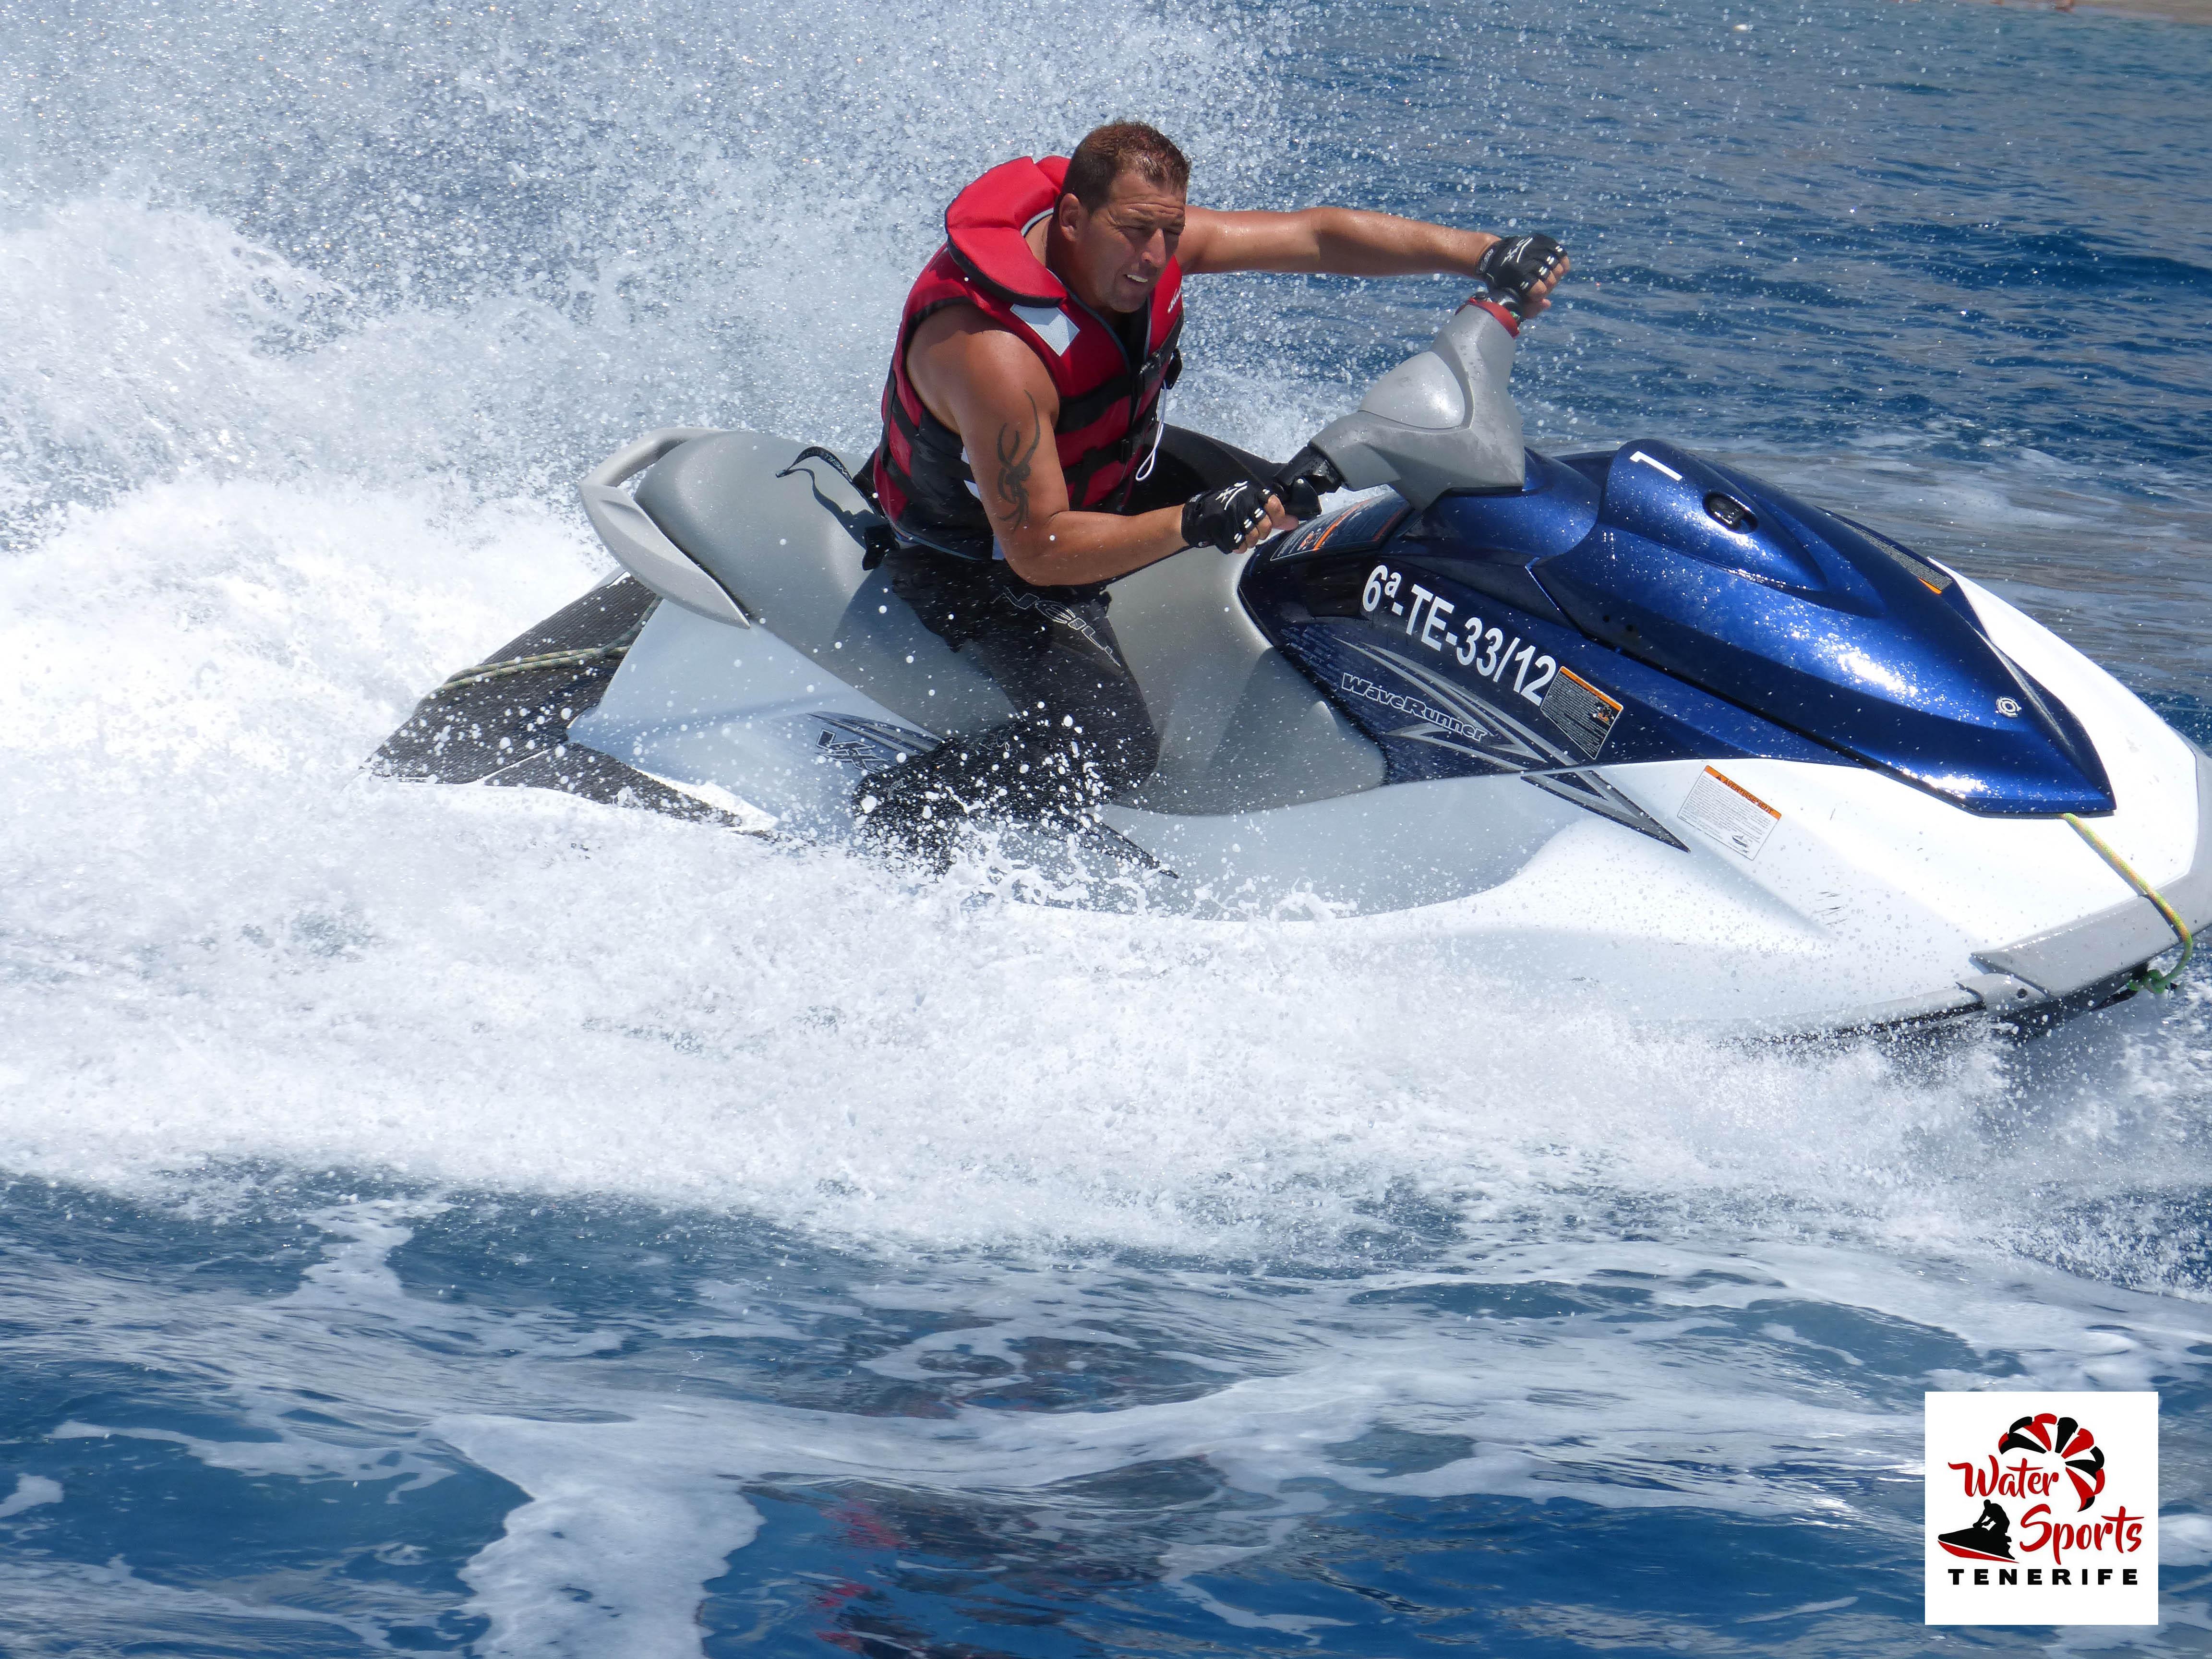 watersport motos de agua las americas